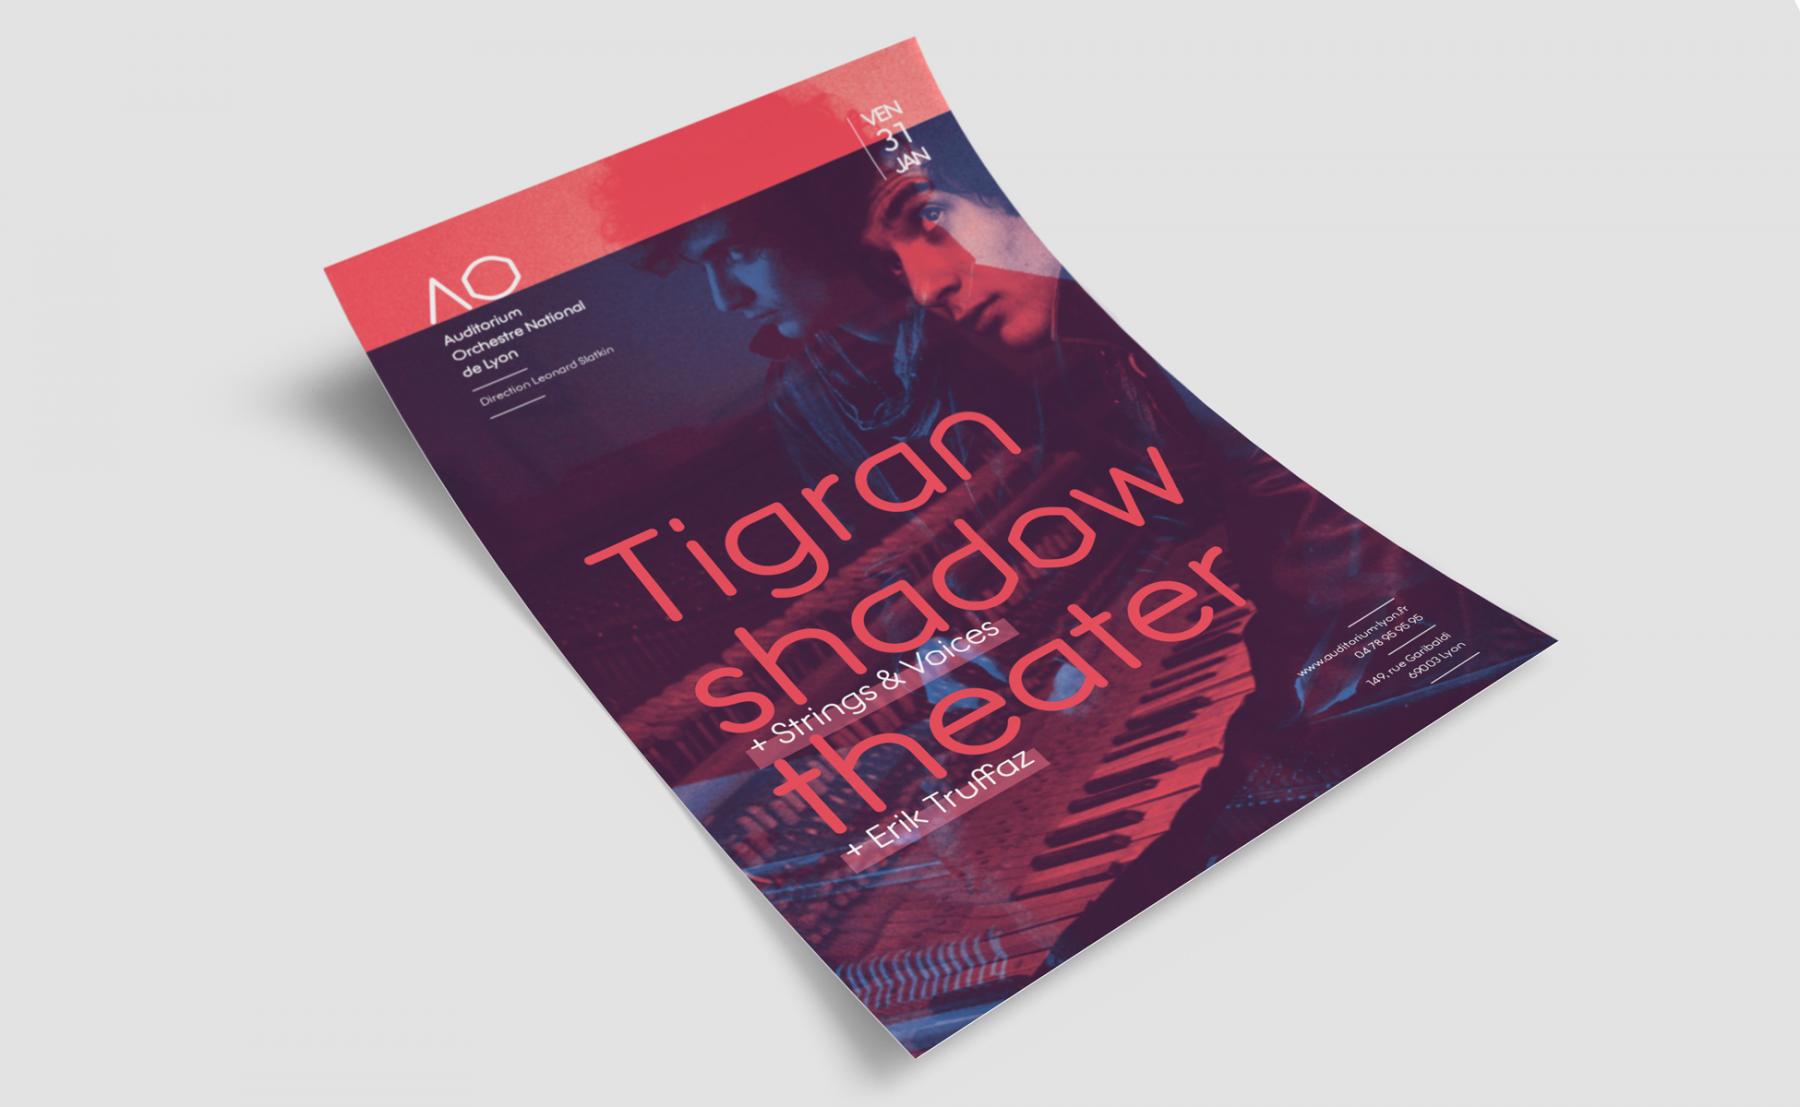 affiche-trigan-shadow-auditorium-2014